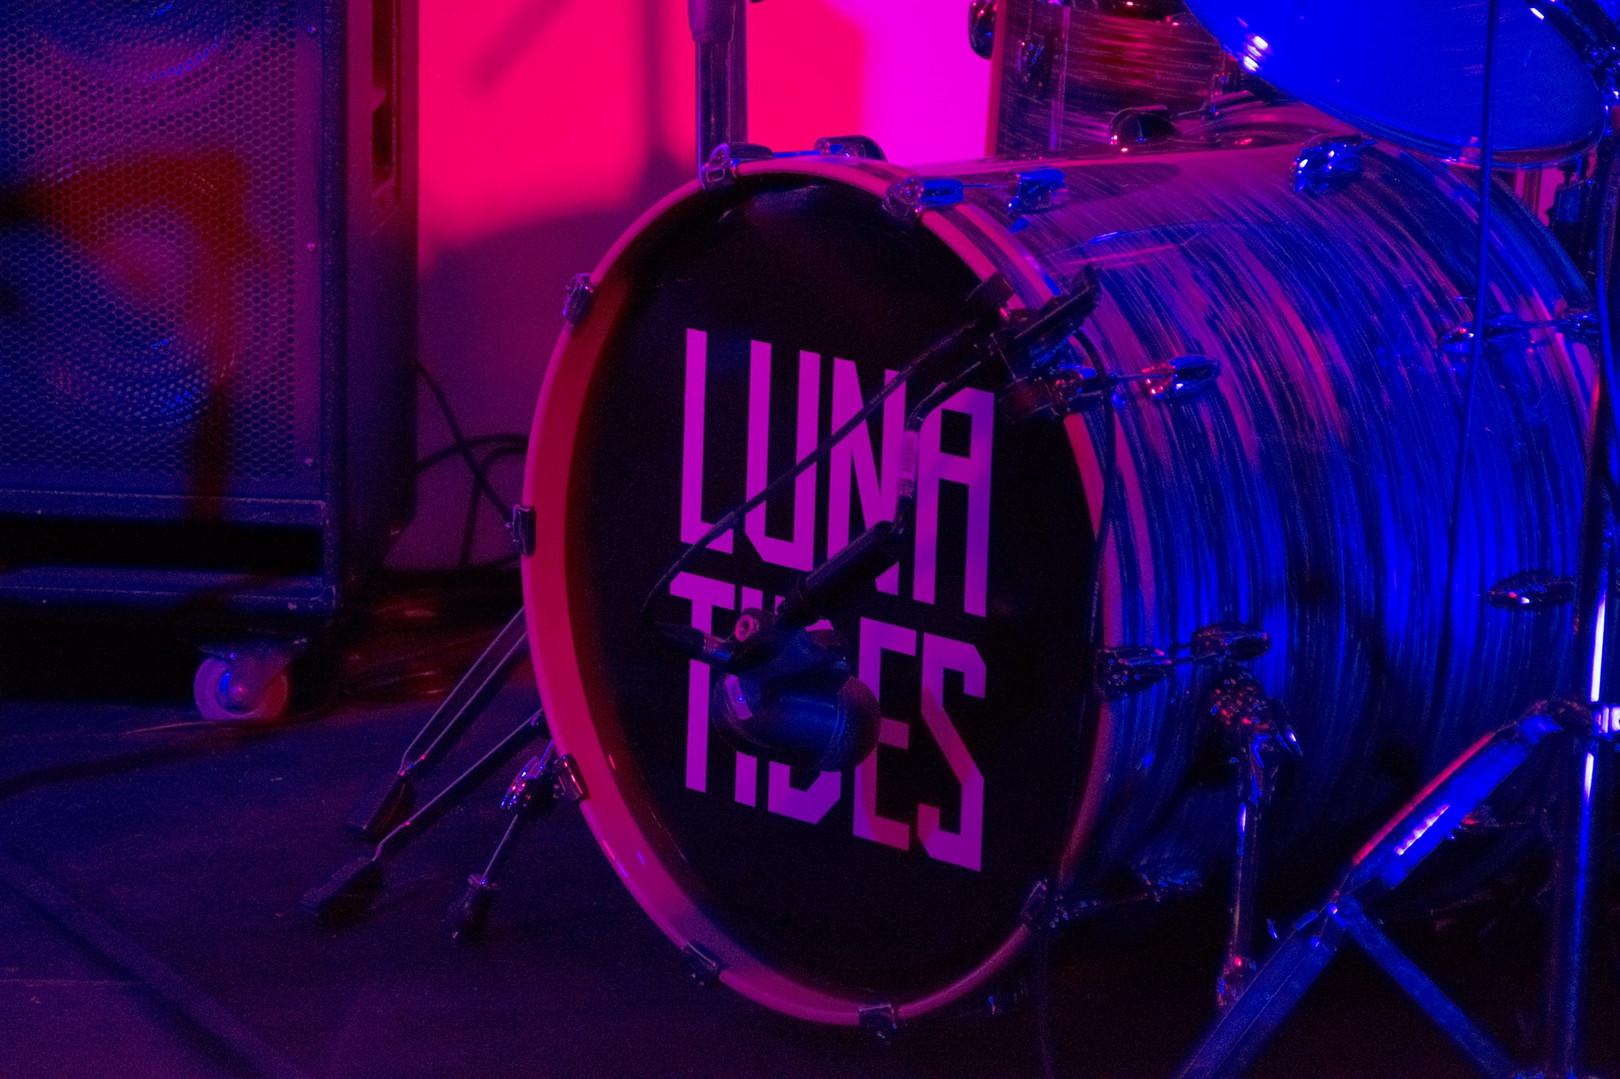 Luna tides single launch